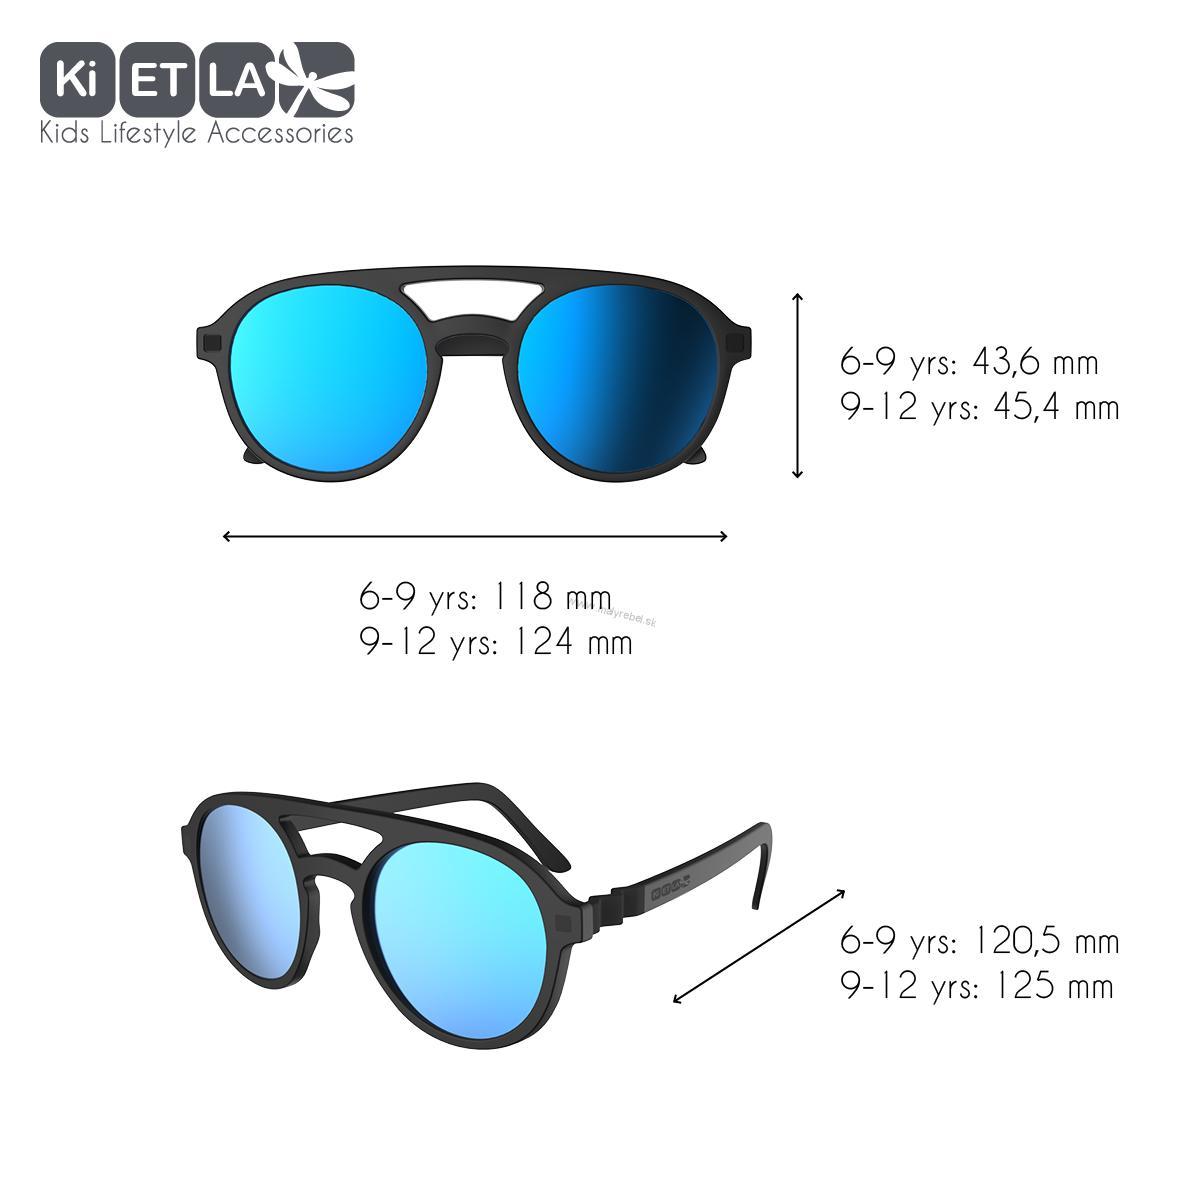 d1696dcdd Kompletné špecifikácie. Nové slnečné okuliare Kietla CraZyg-Zag ...